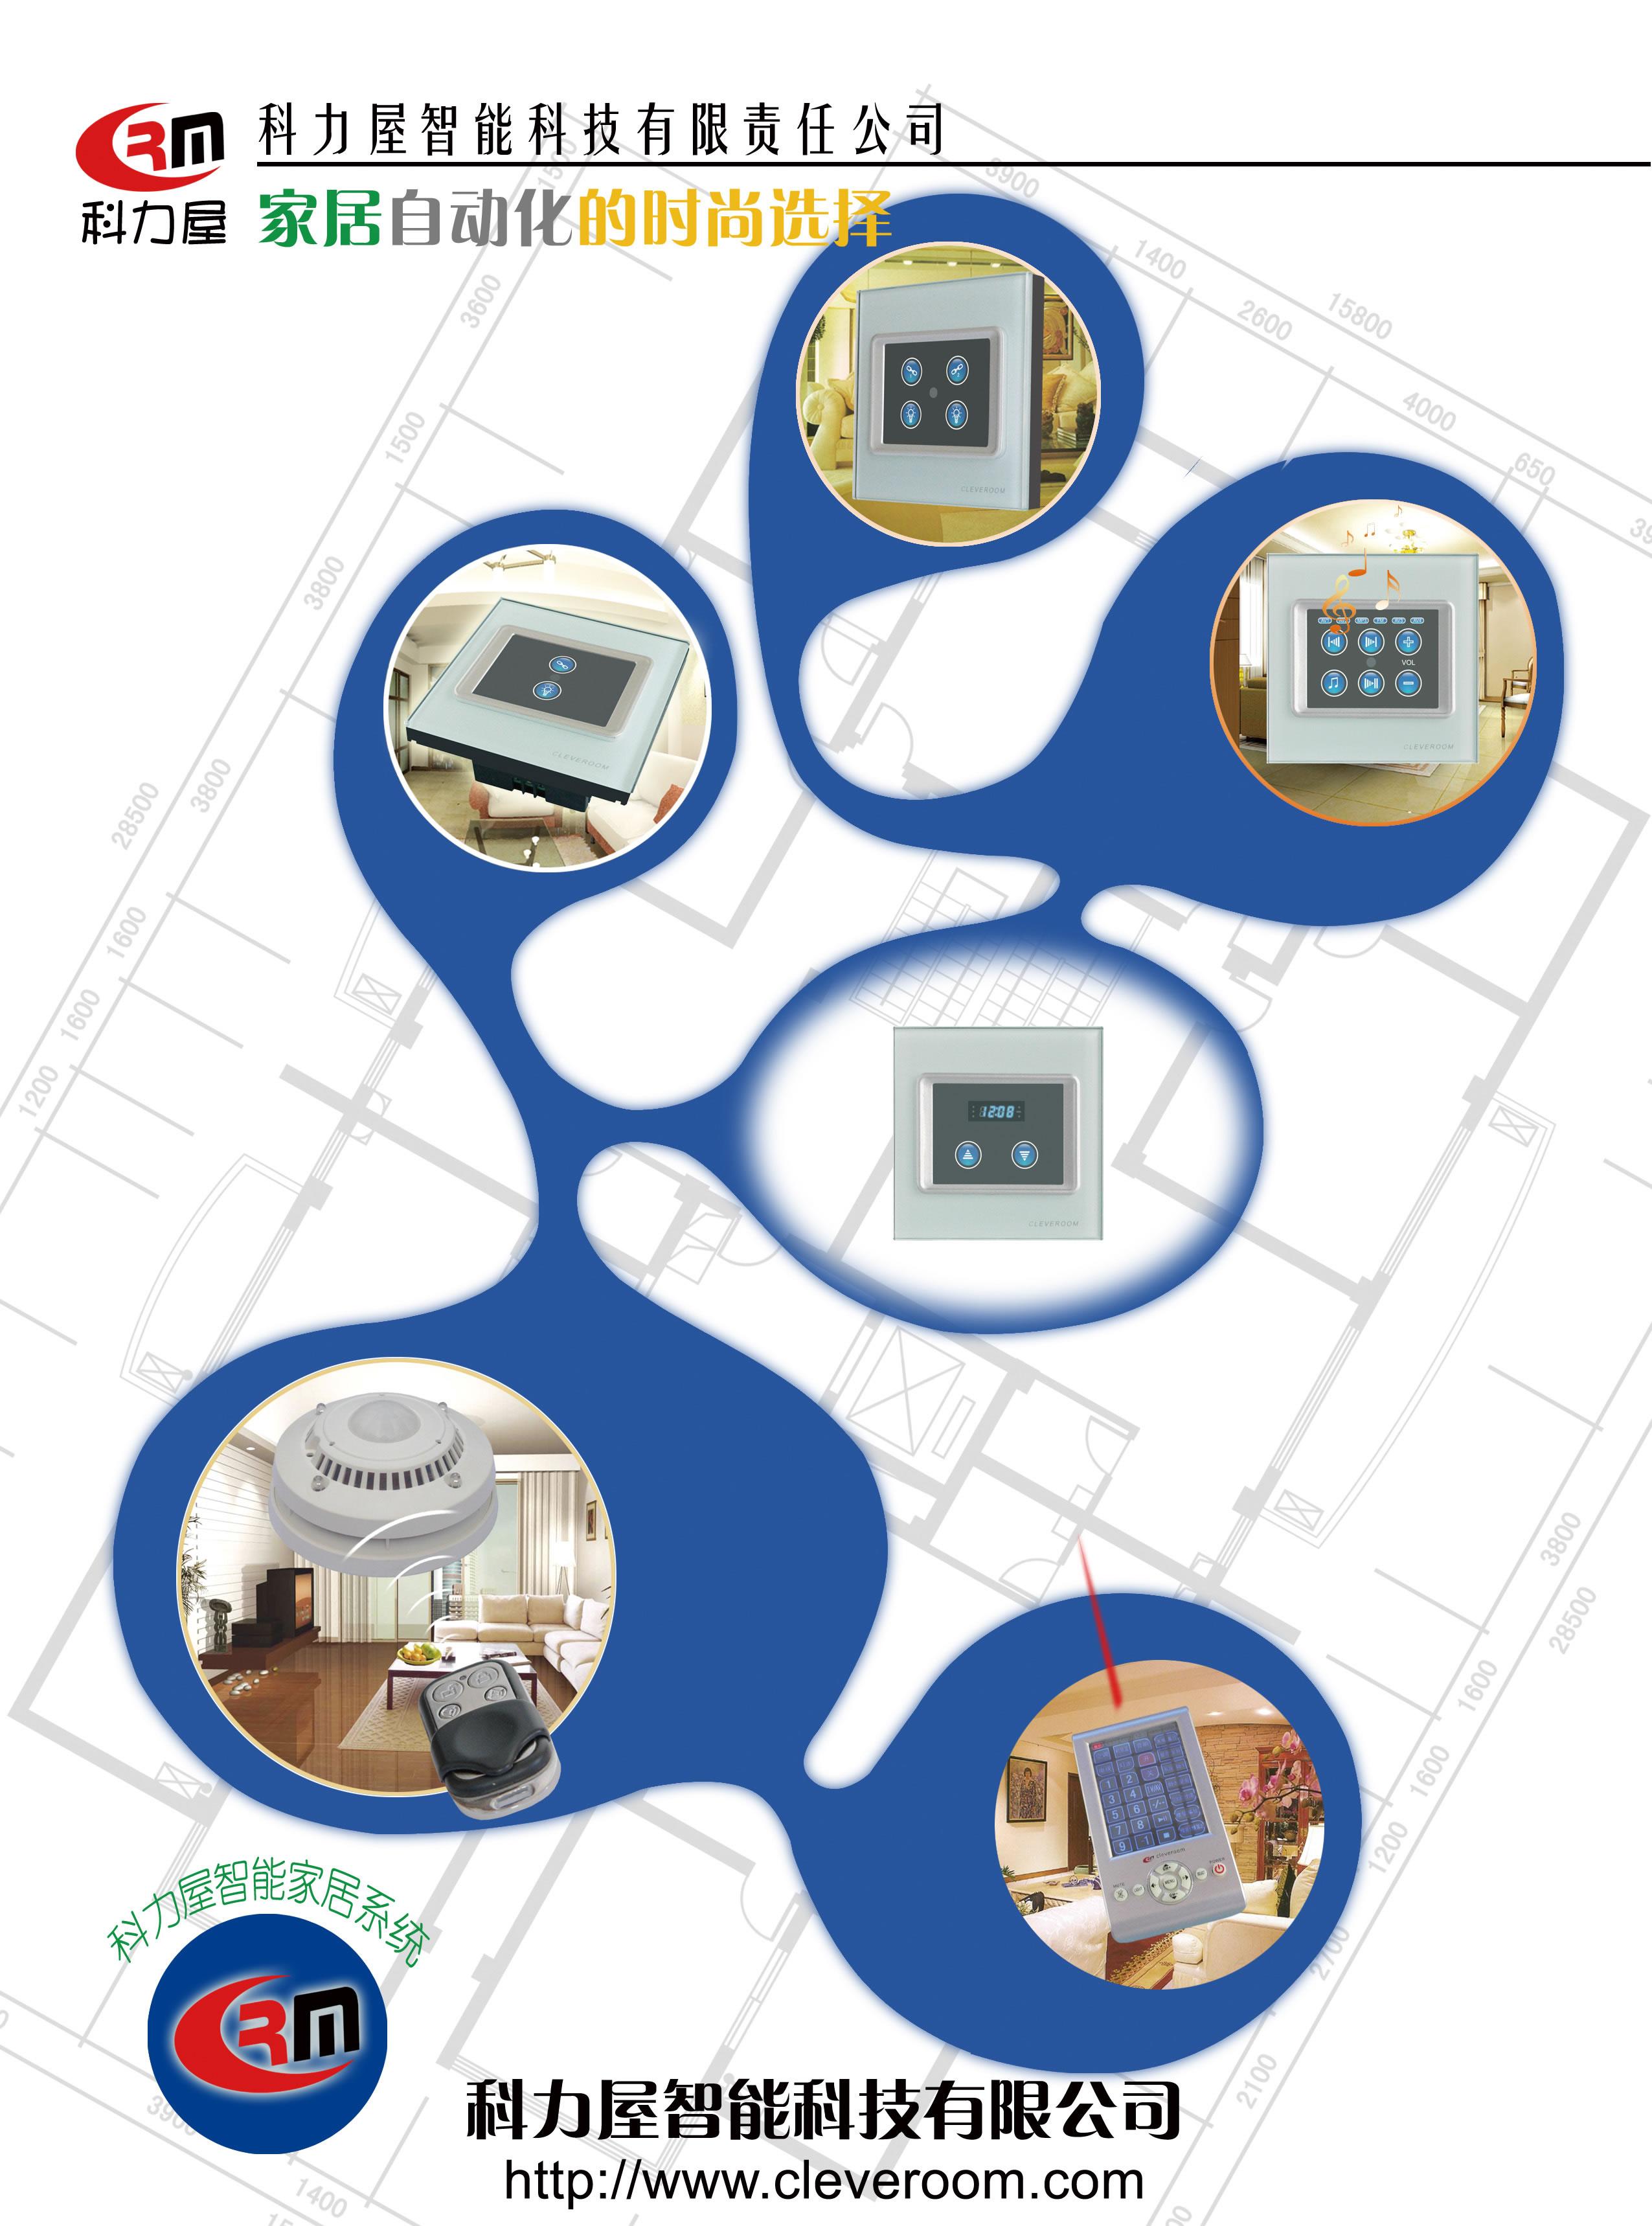 科力屋智能家居 系统宣传彩页2 正面效果图